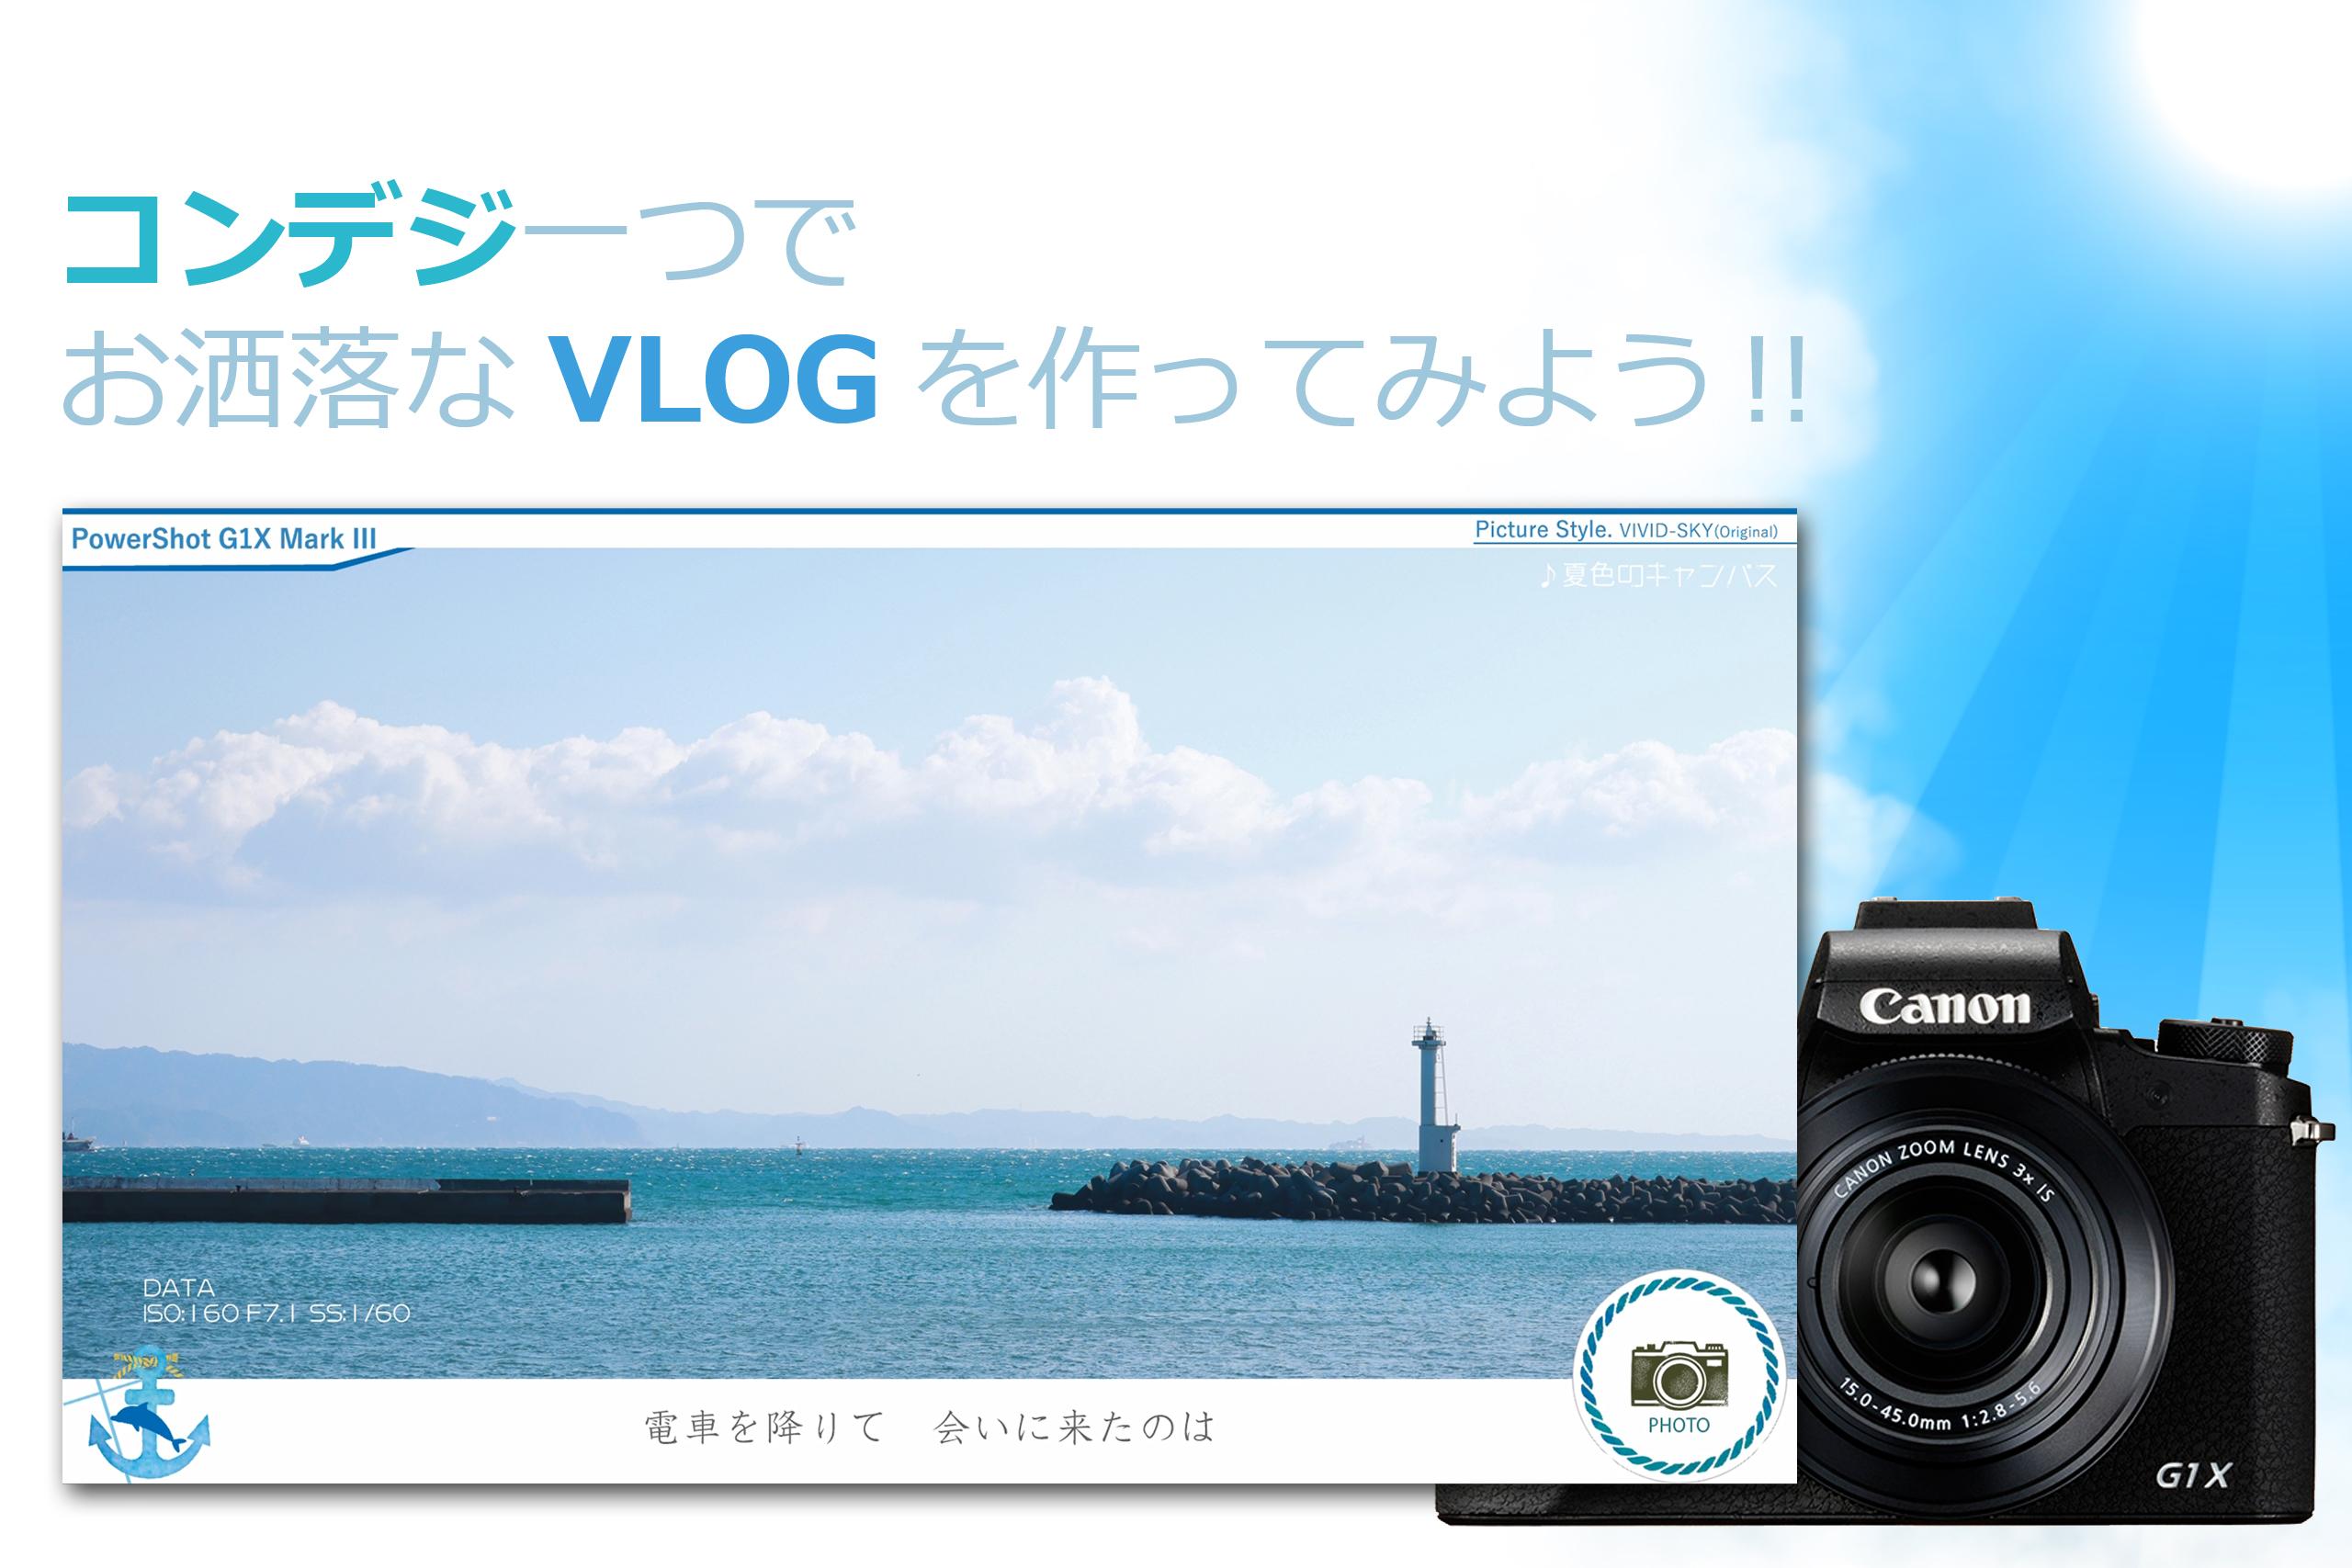 【Canon】初心者でもカメラ1つでお洒落なVLOGが作れる、3つのコツ